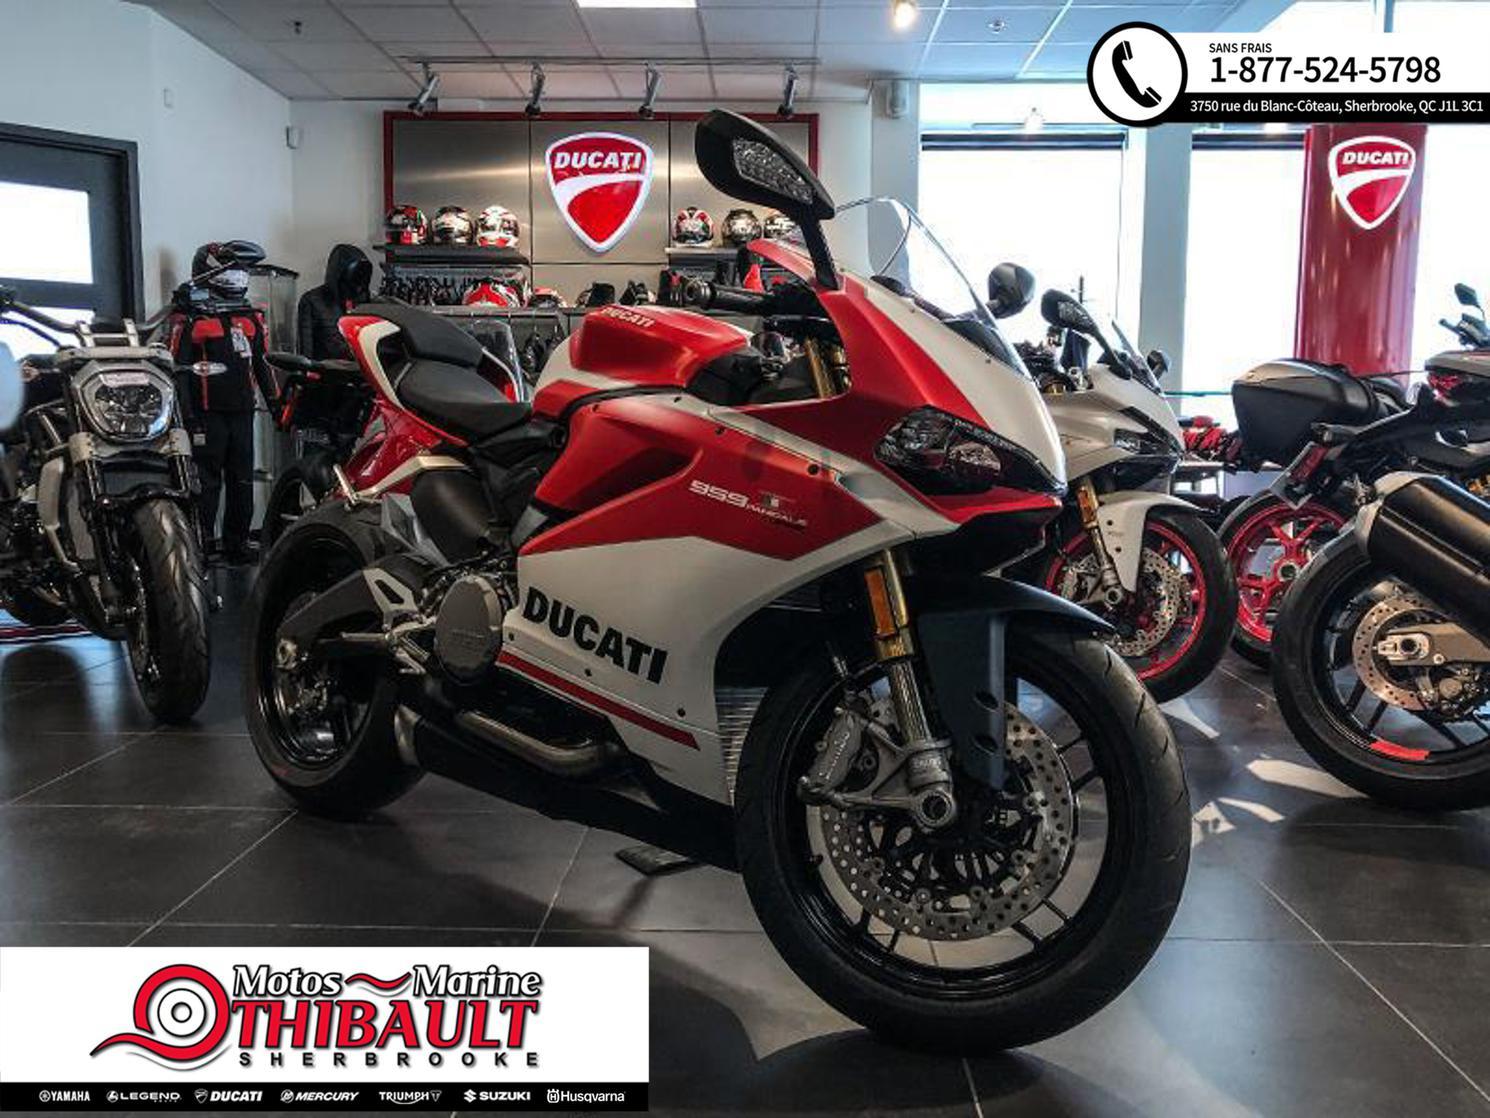 2019 Ducati 959 Panigale Ducati 959 Panigale Corse